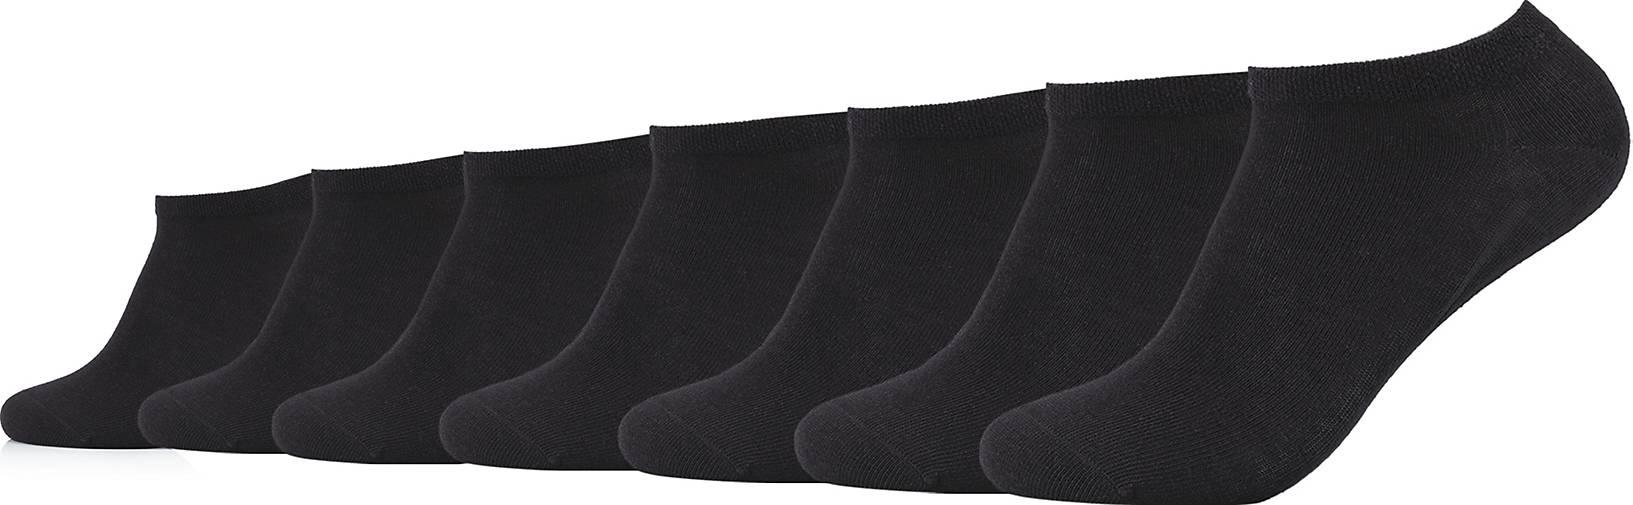 Camano Sneaker-Socken 43/46